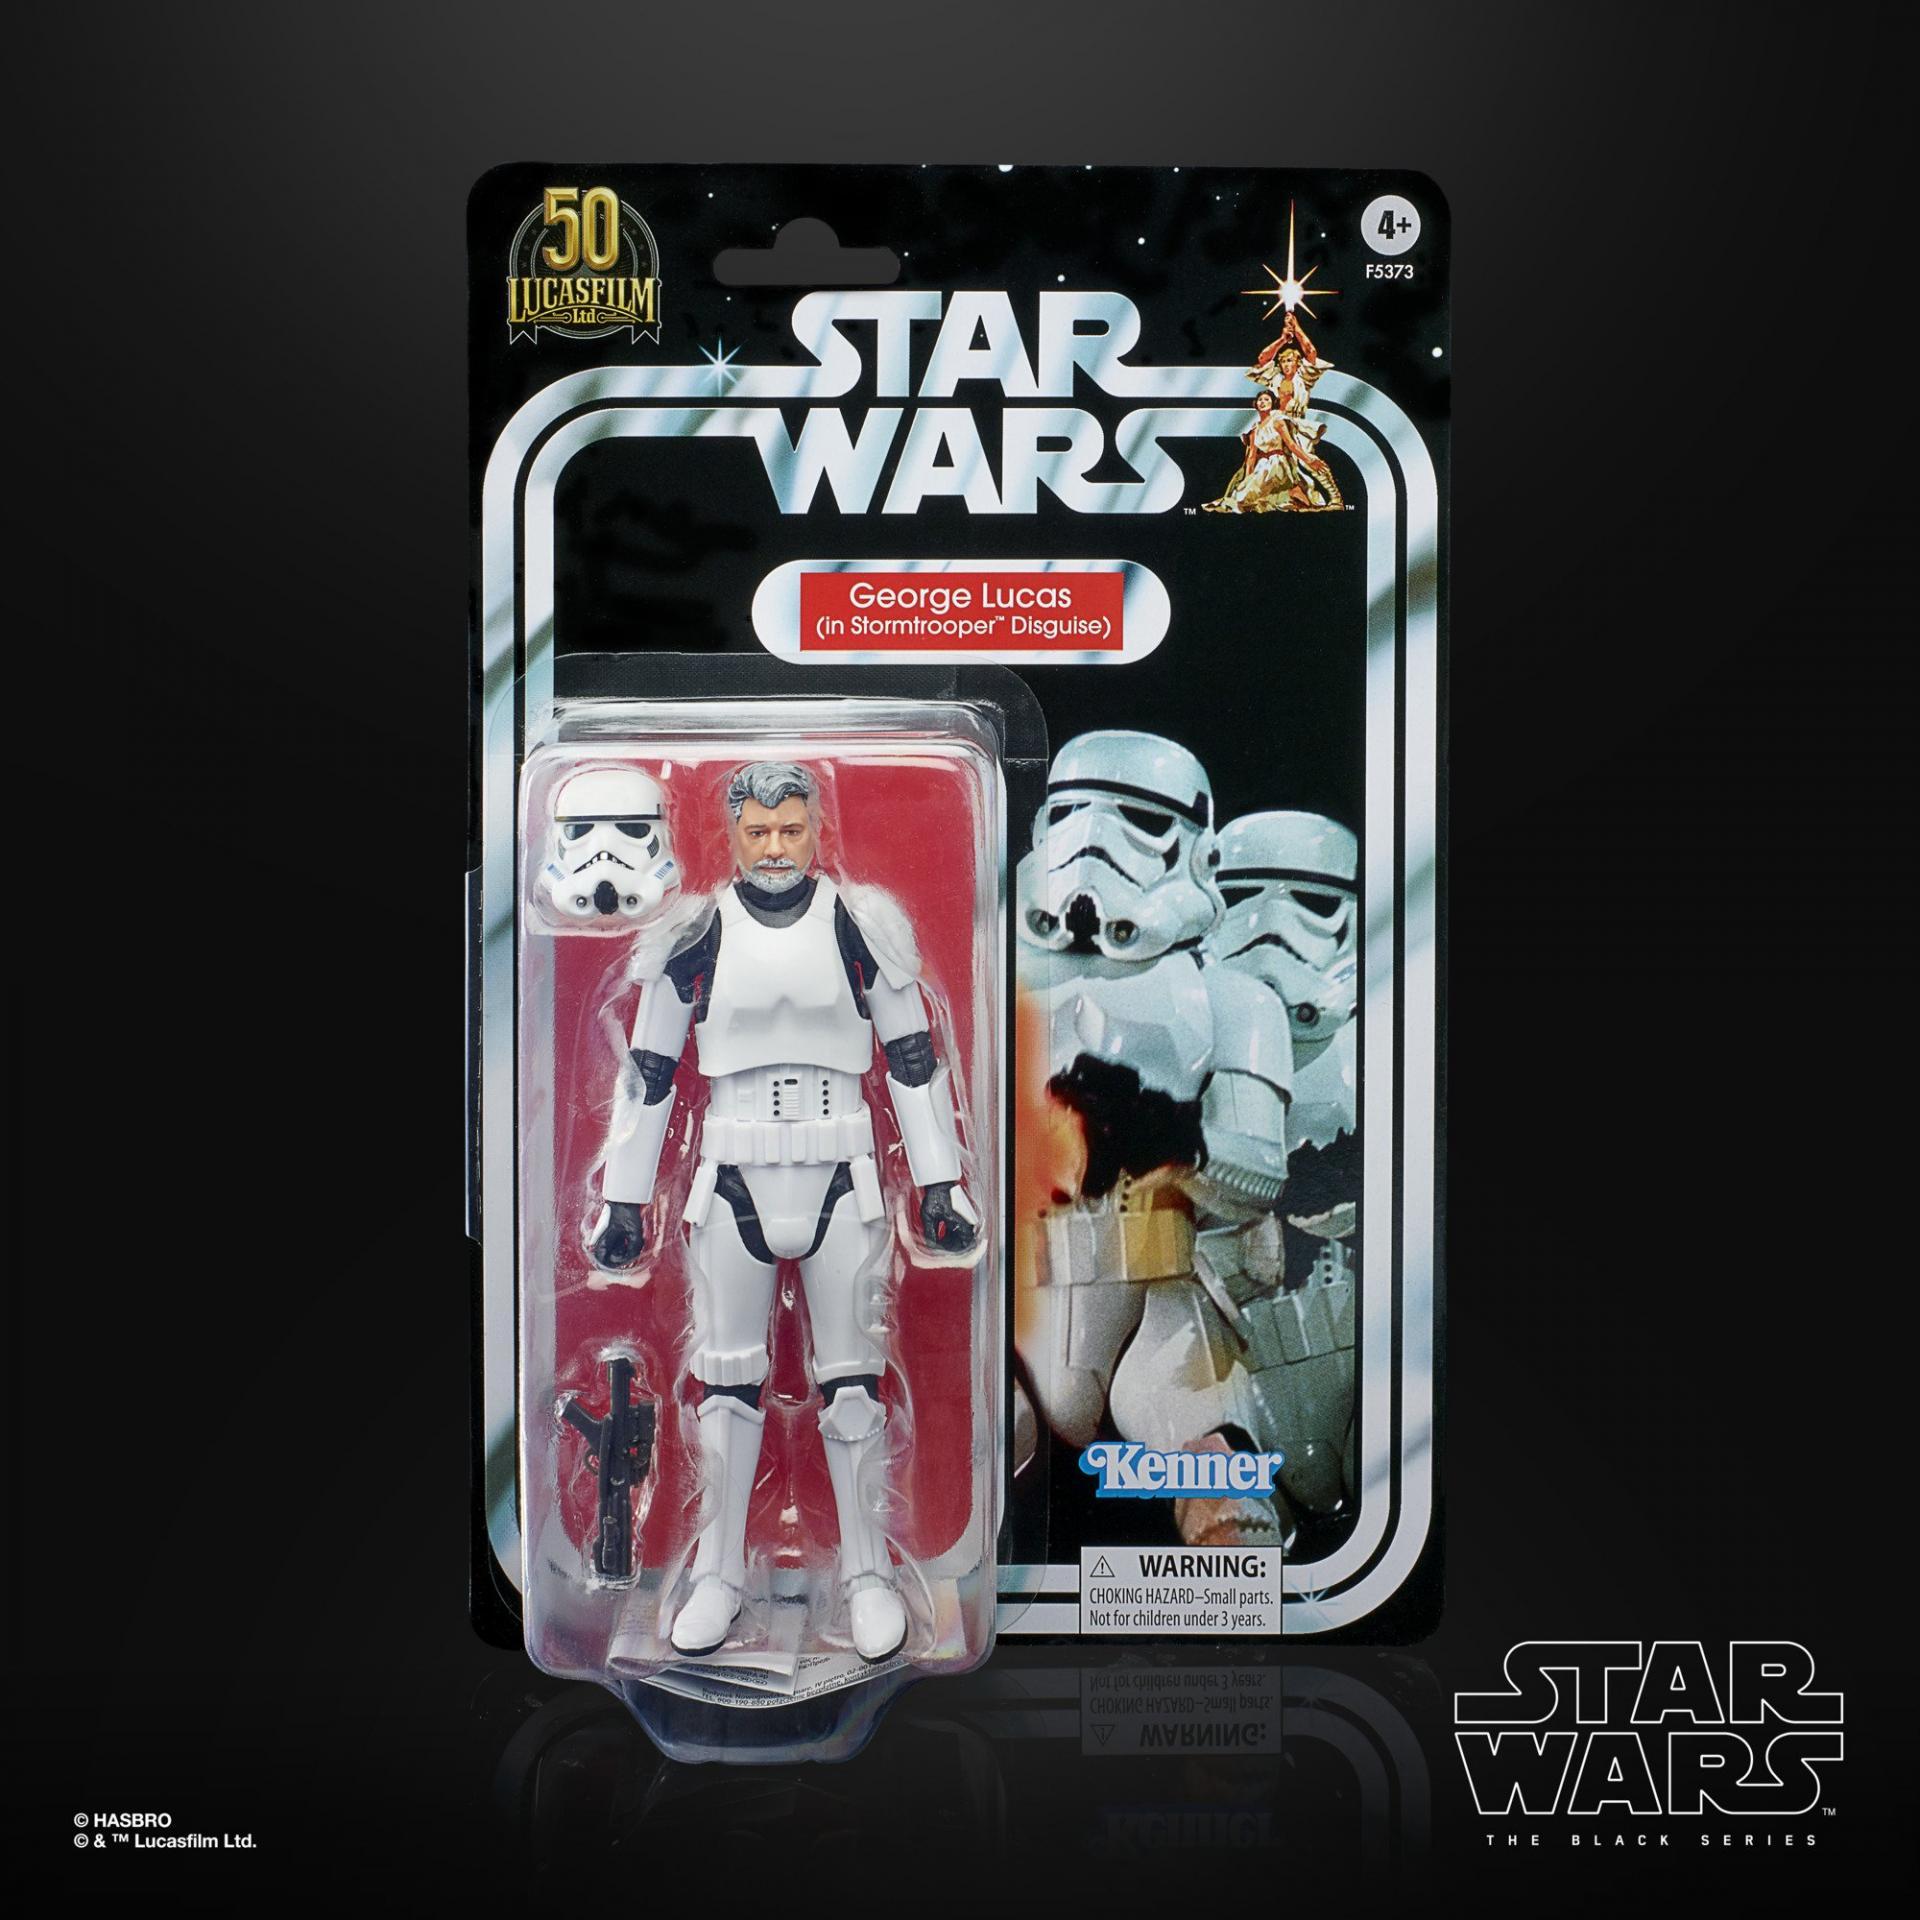 Star wars the black series george lucas in stormtrooper disguise 4